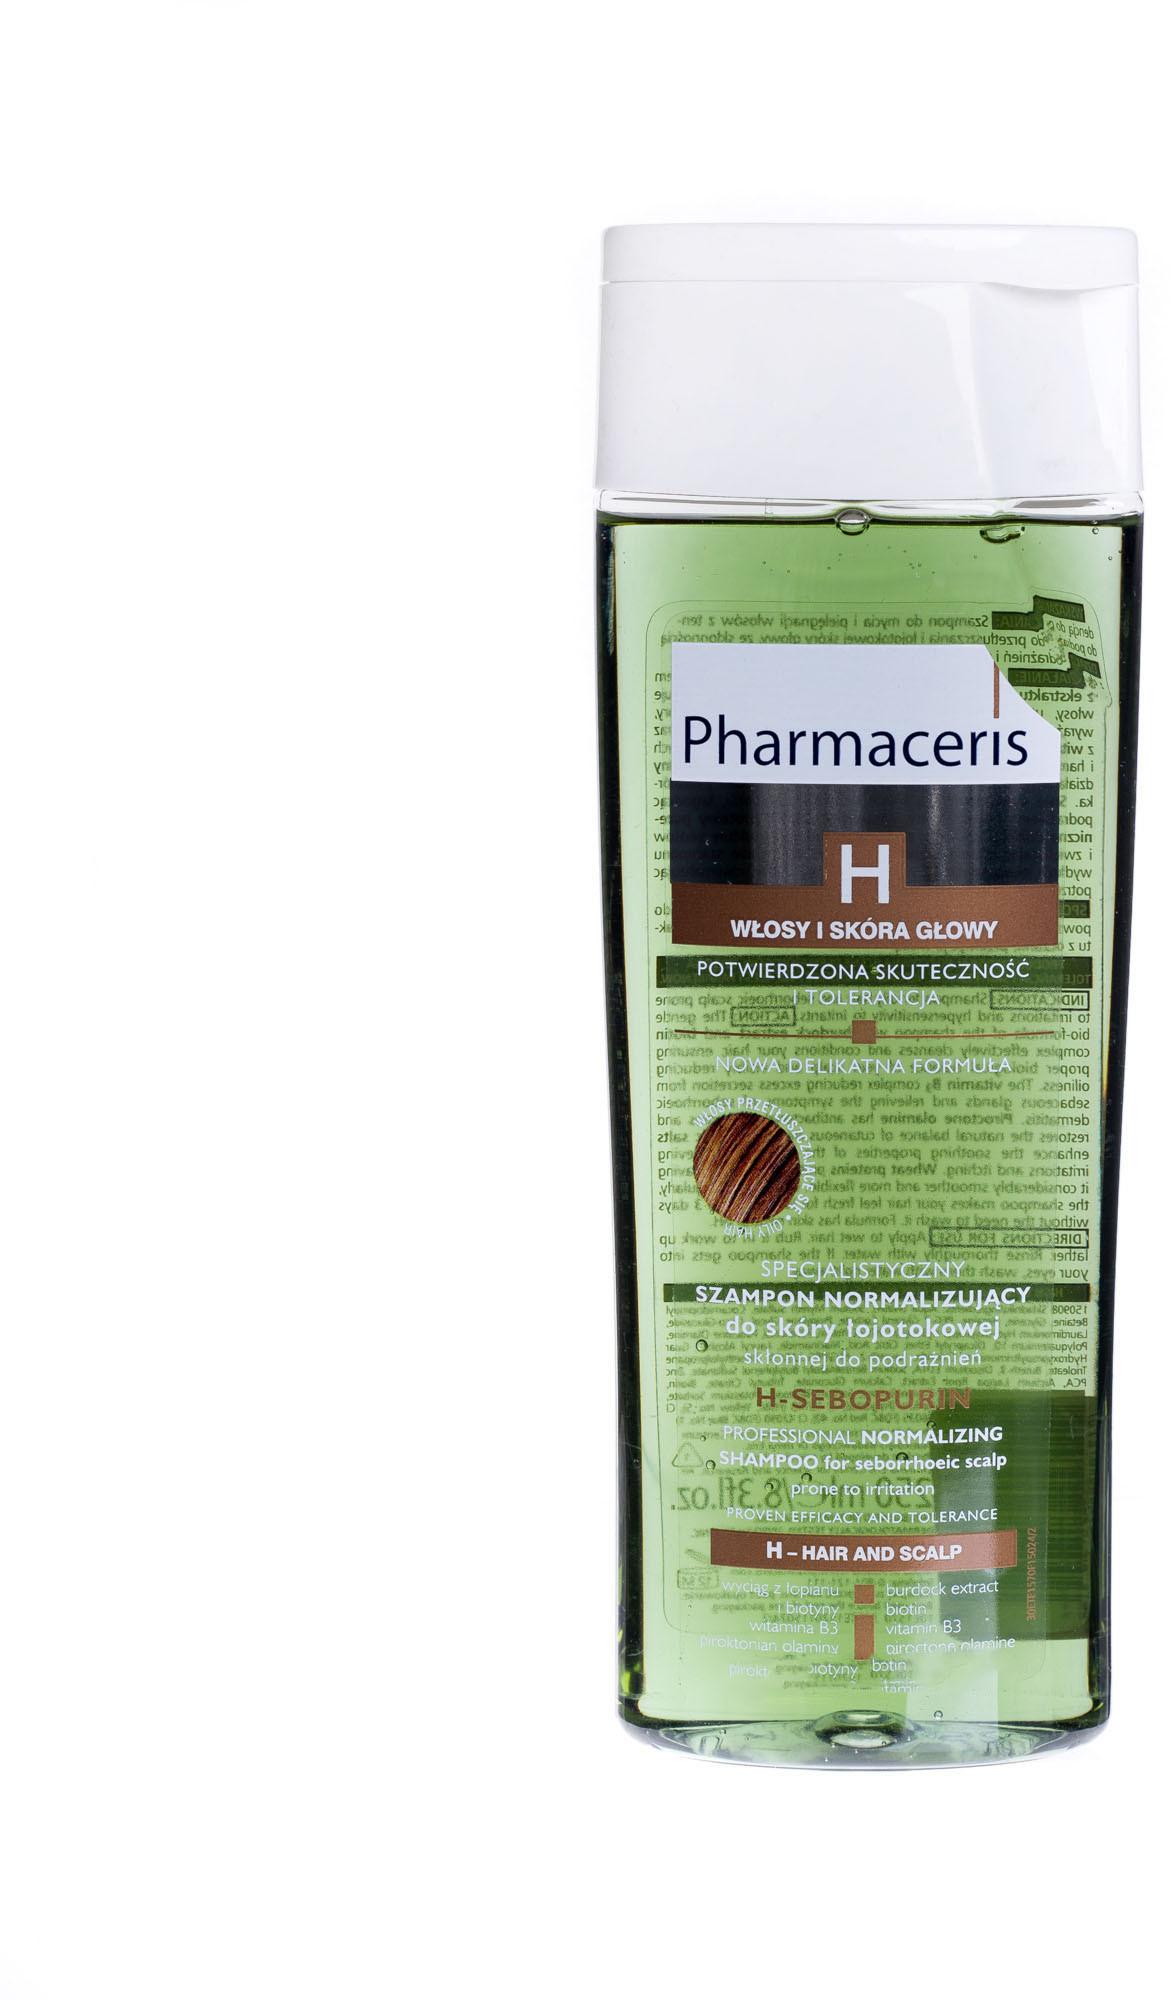 Pharmaceris H-SENSITONIN Specjalistyczny Szampon Kojący do skóry wrażliwej 250ml